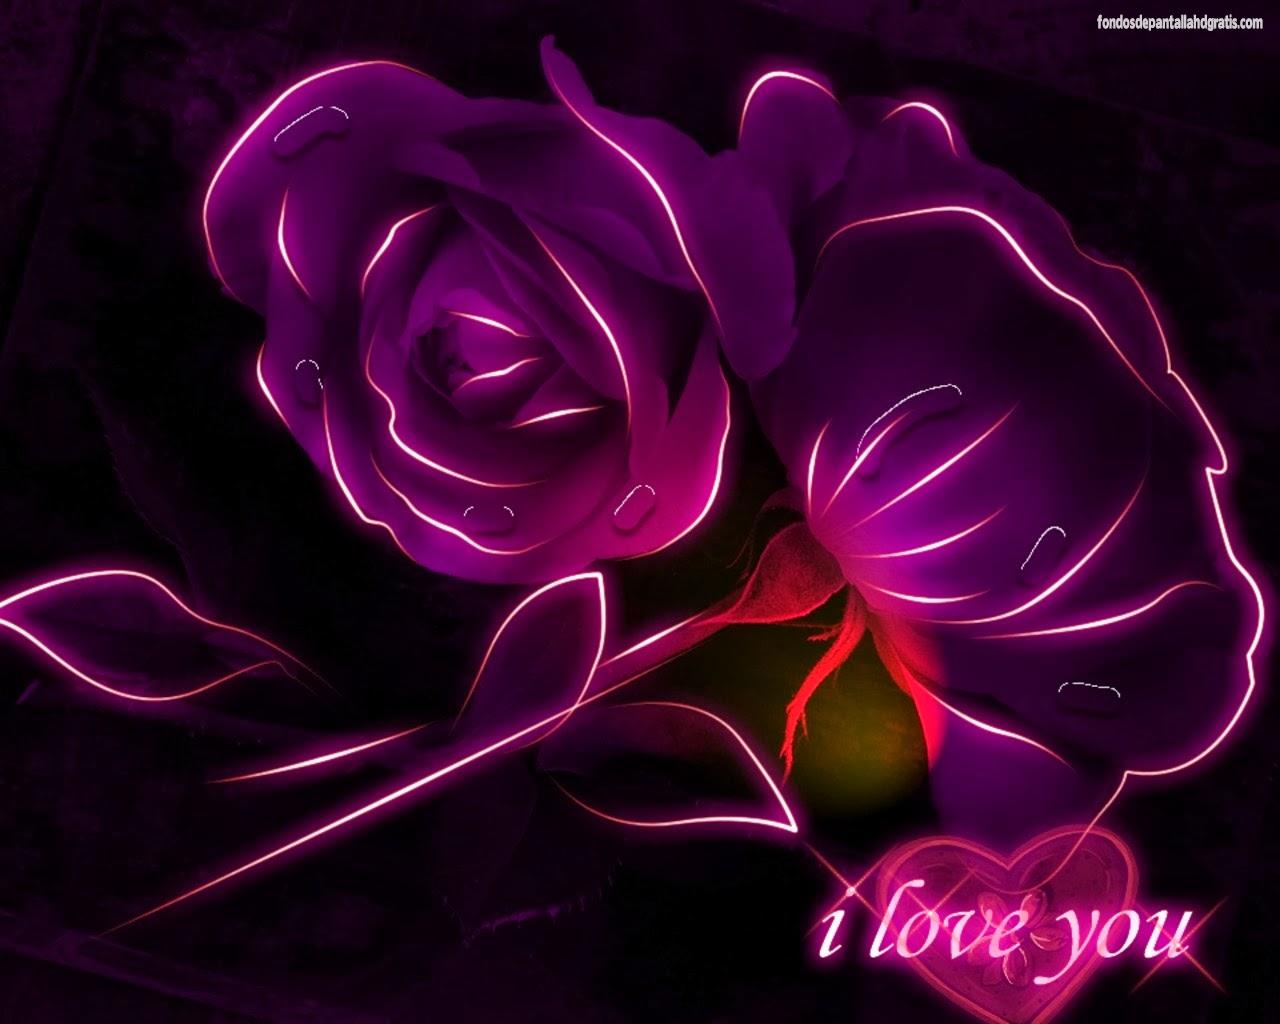 Imagenes para celulares de fondo de pantalla de amor for Imagenes bonitas para fondo de pantalla